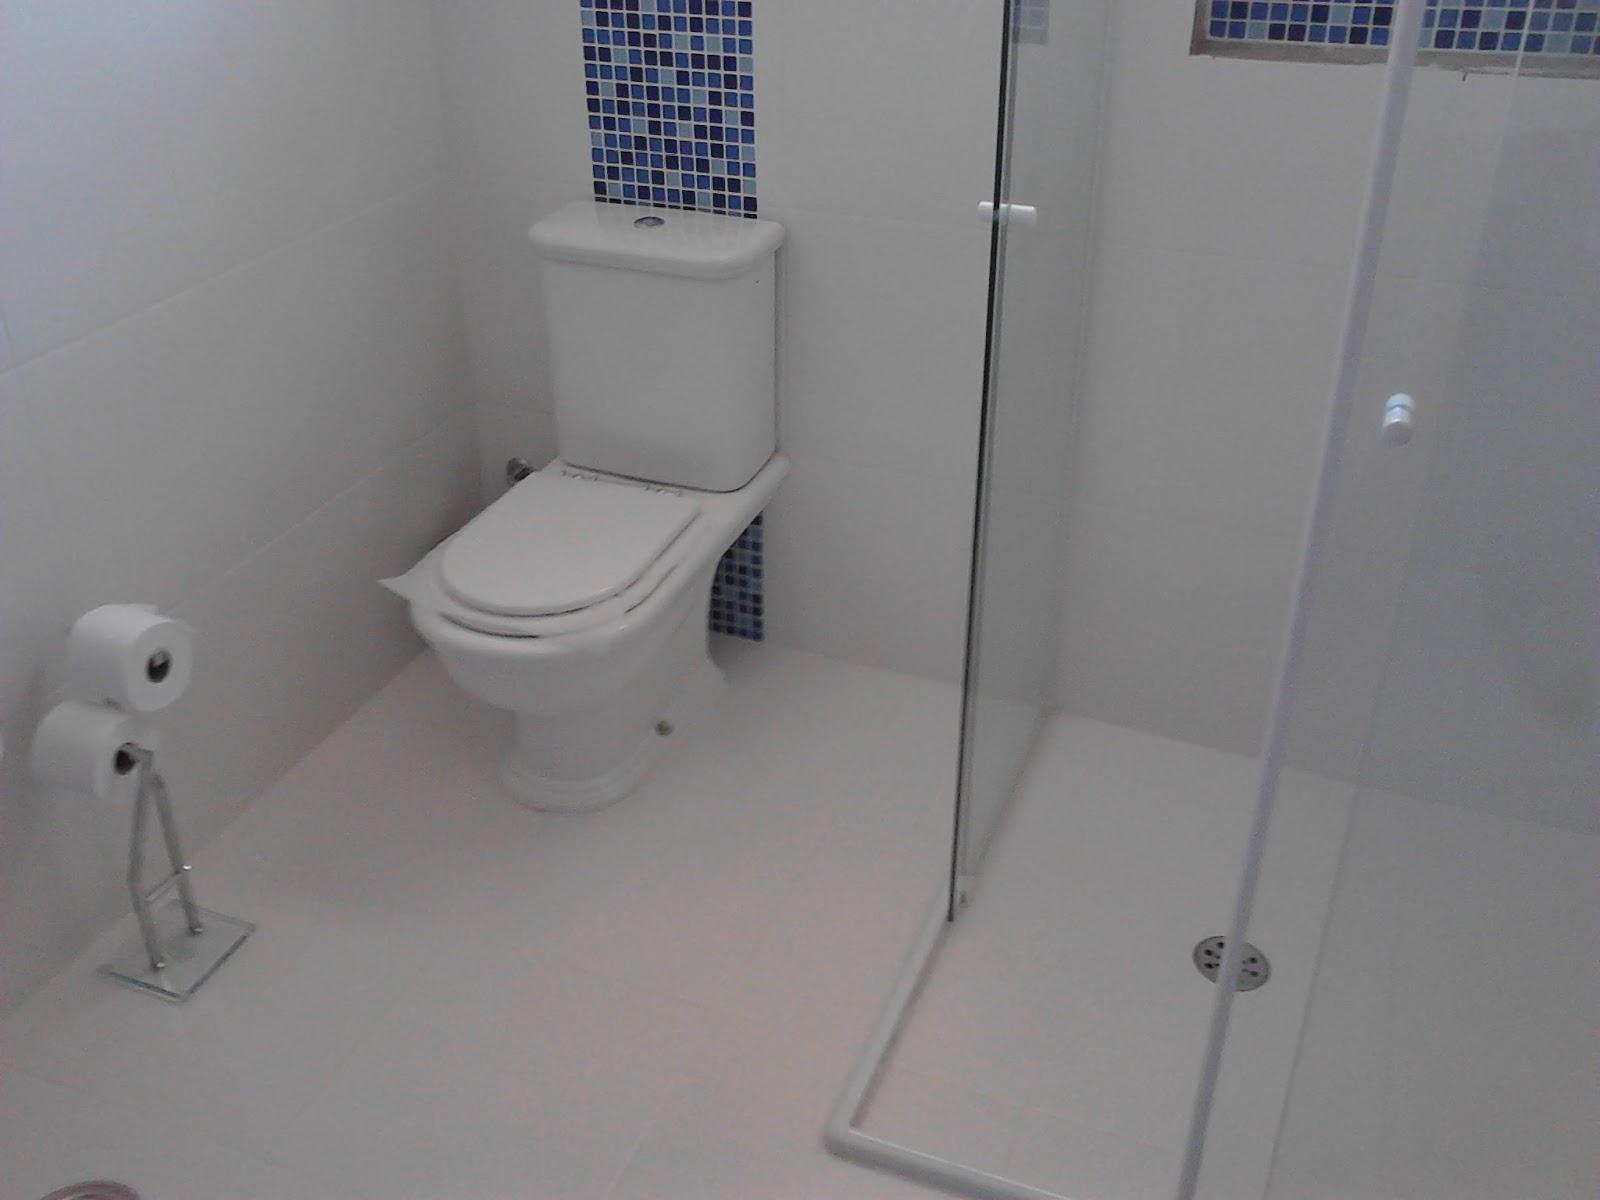 Banheiro Apos reforma com pastilhas azuis #3B4461 1600x1200 Banheiro Branco Com Pastilhas Azuis